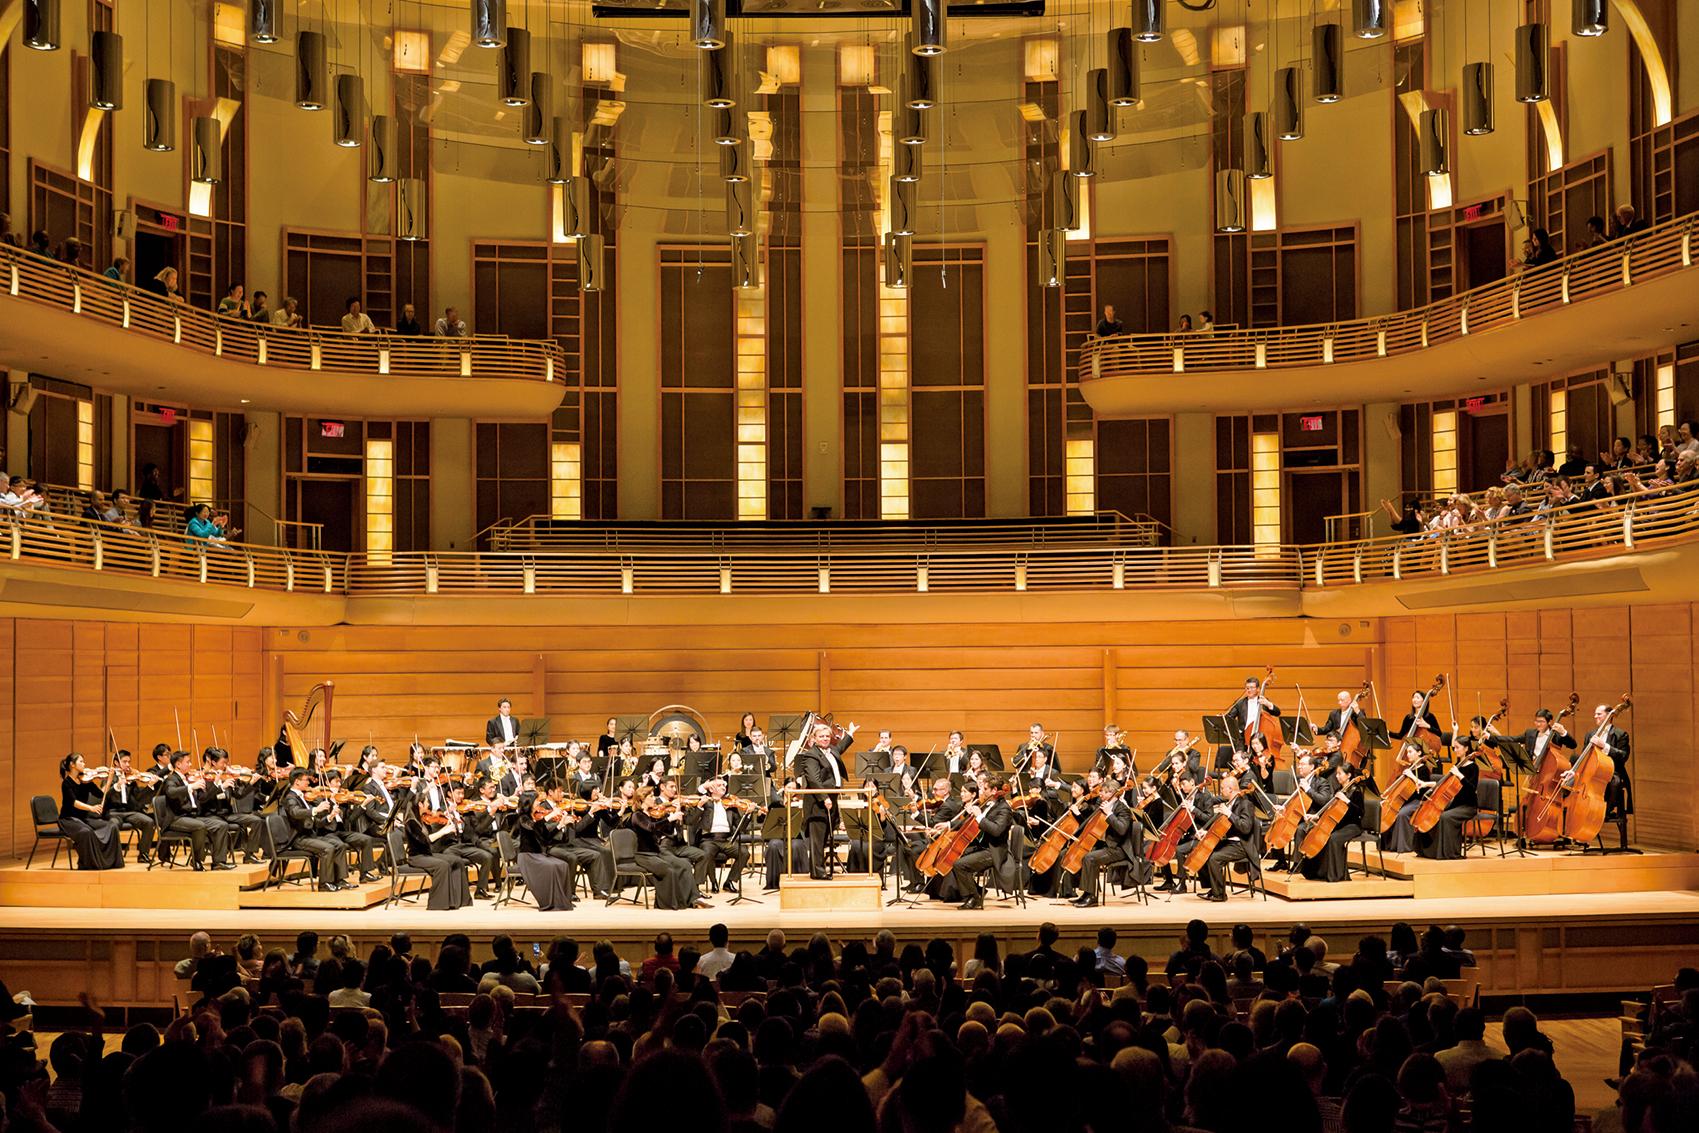 神韻交響樂團於10月22日在華府近郊斯特拉斯莫爾音樂中心演出。(李莎/大紀元)